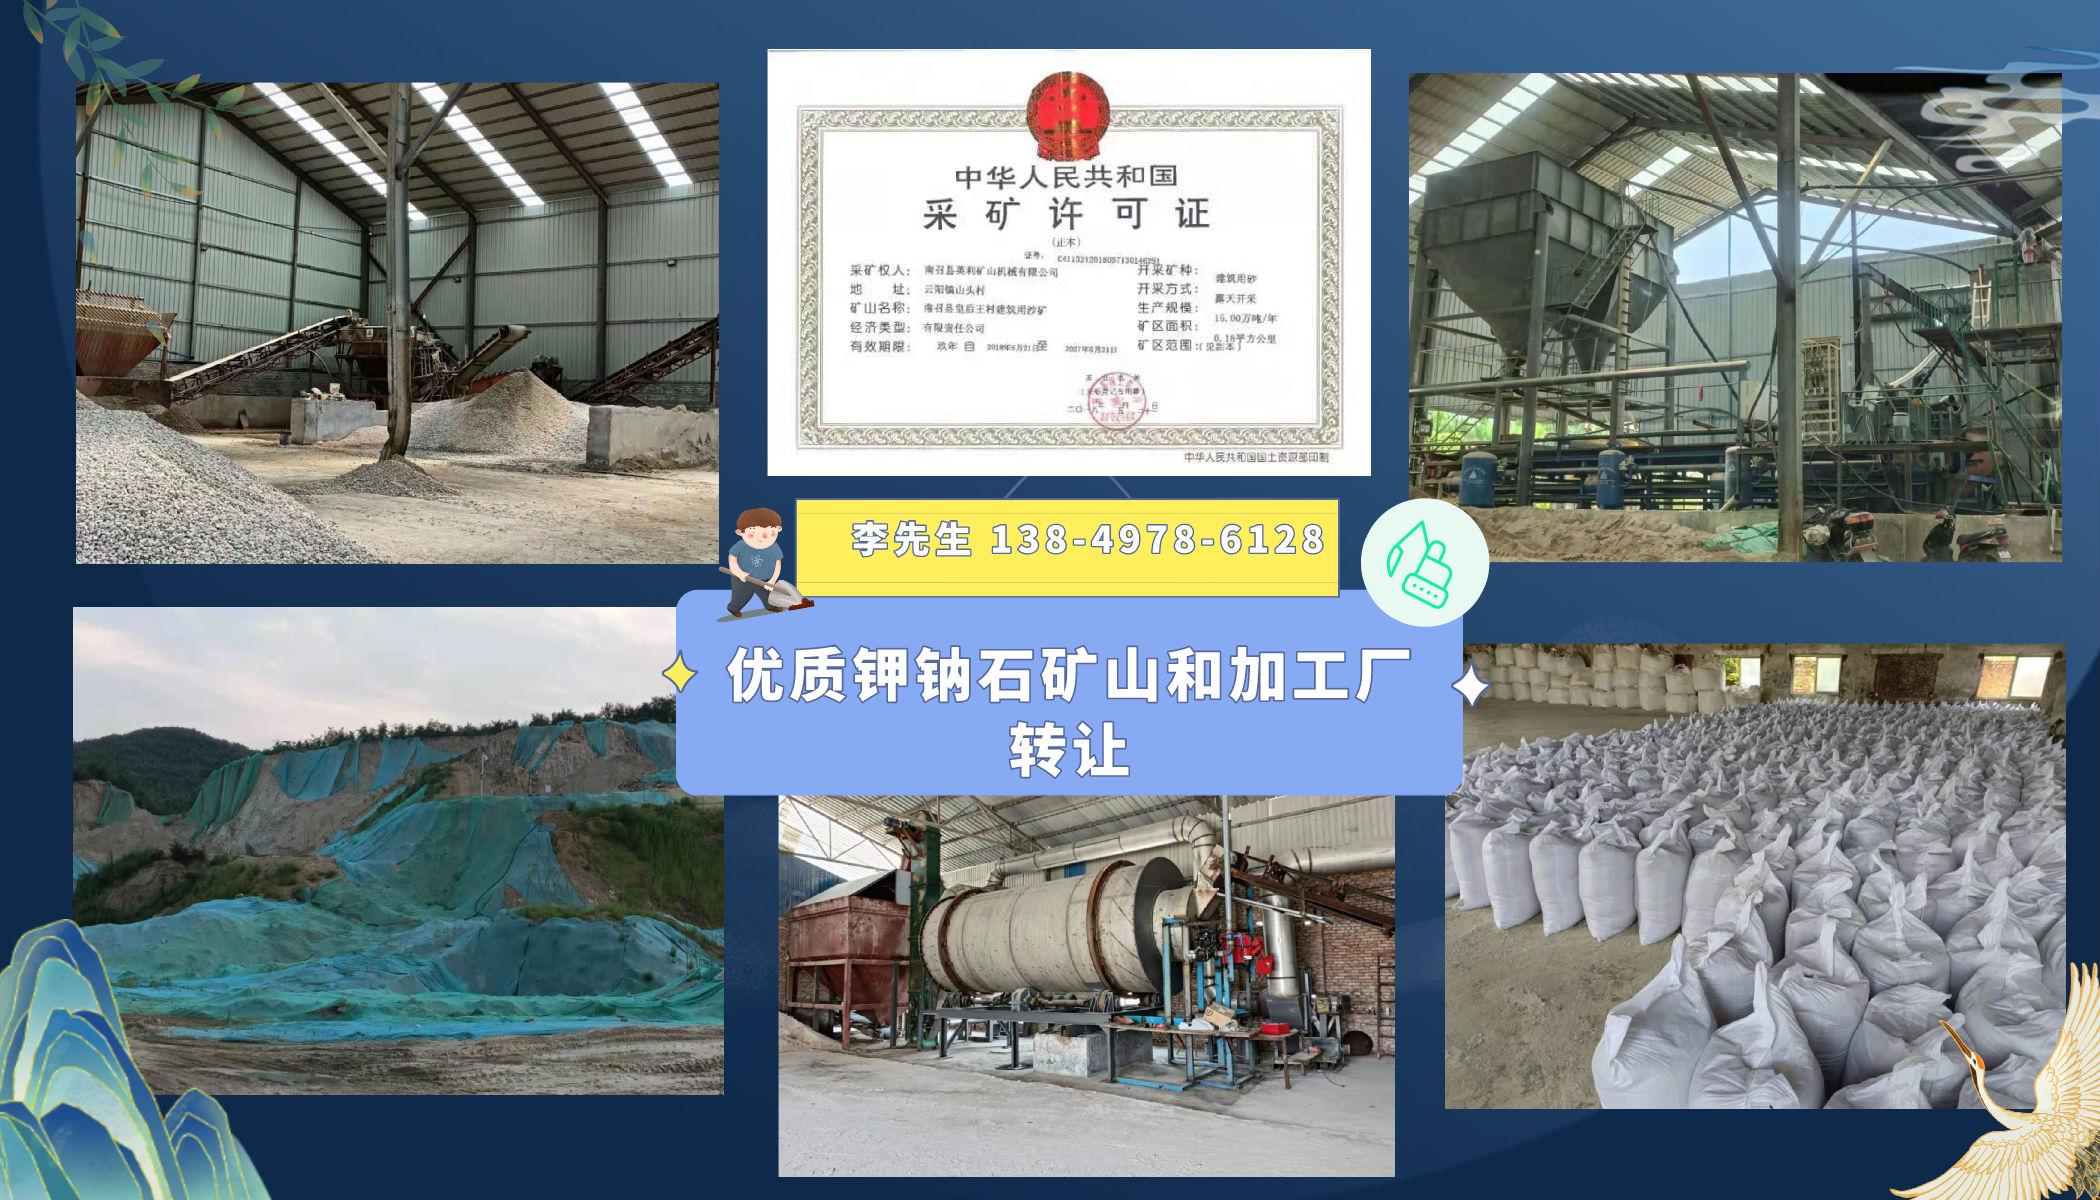 河南南召10钾3钠优质矿山和加工厂寻求合作,年产值可达2000万!